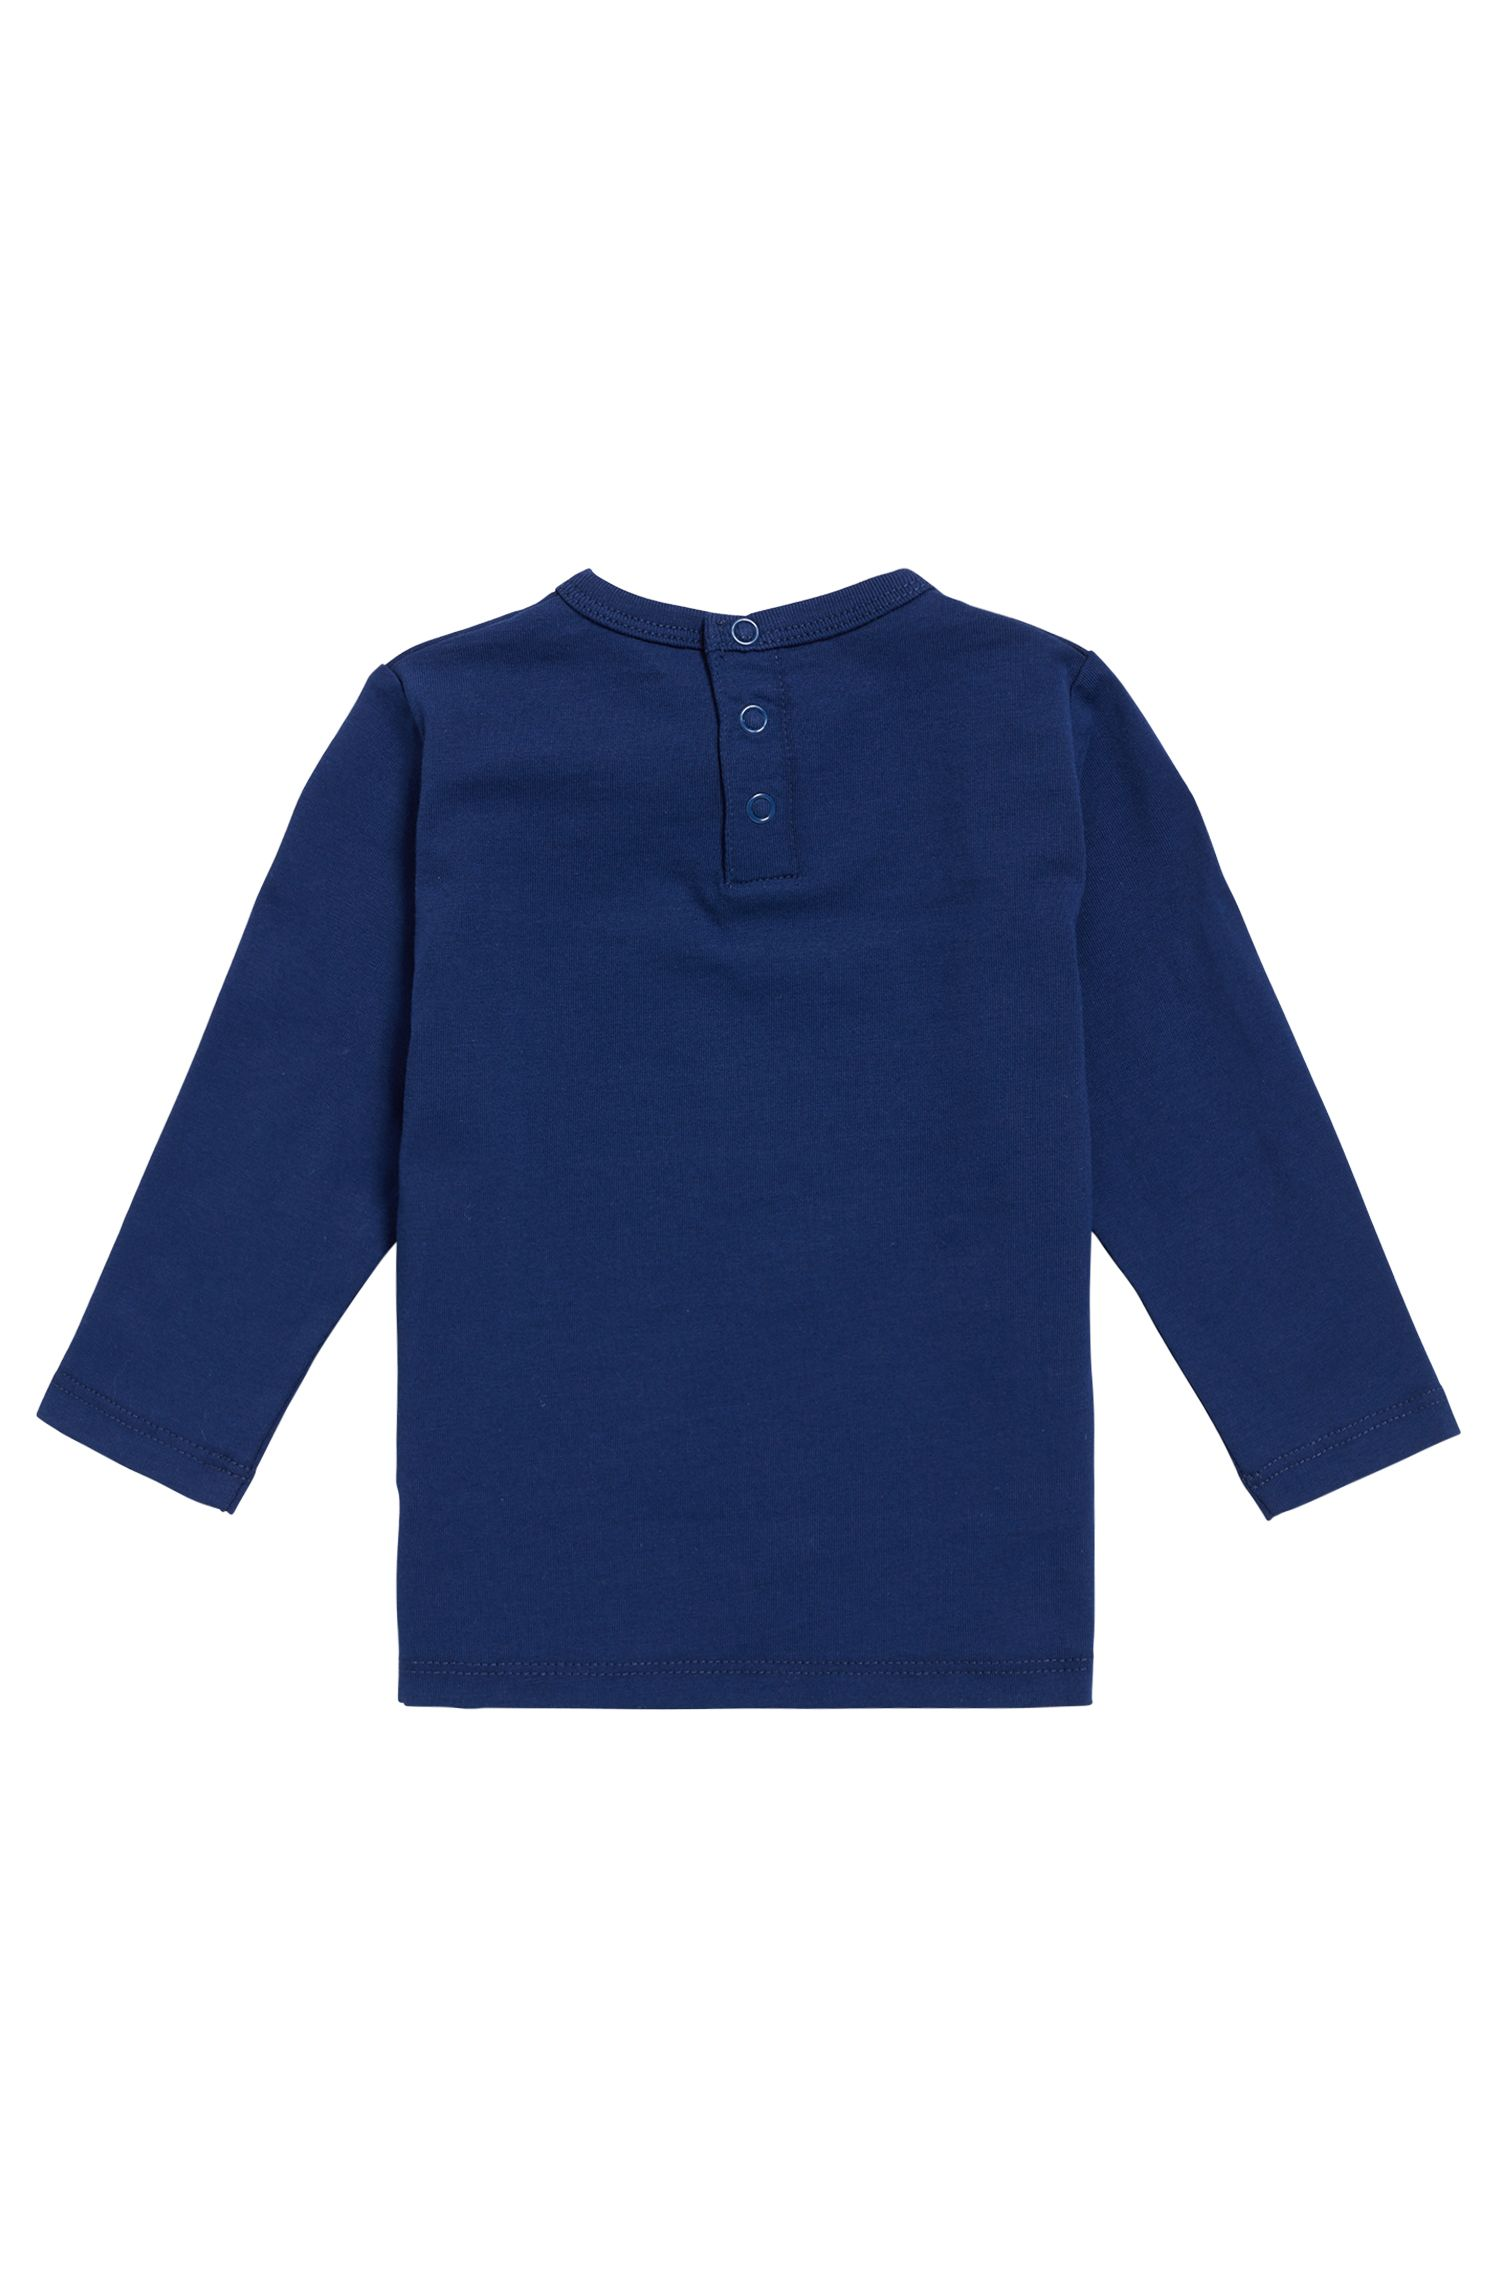 Maglietta da bambino in cotone a maniche lunghe con logo